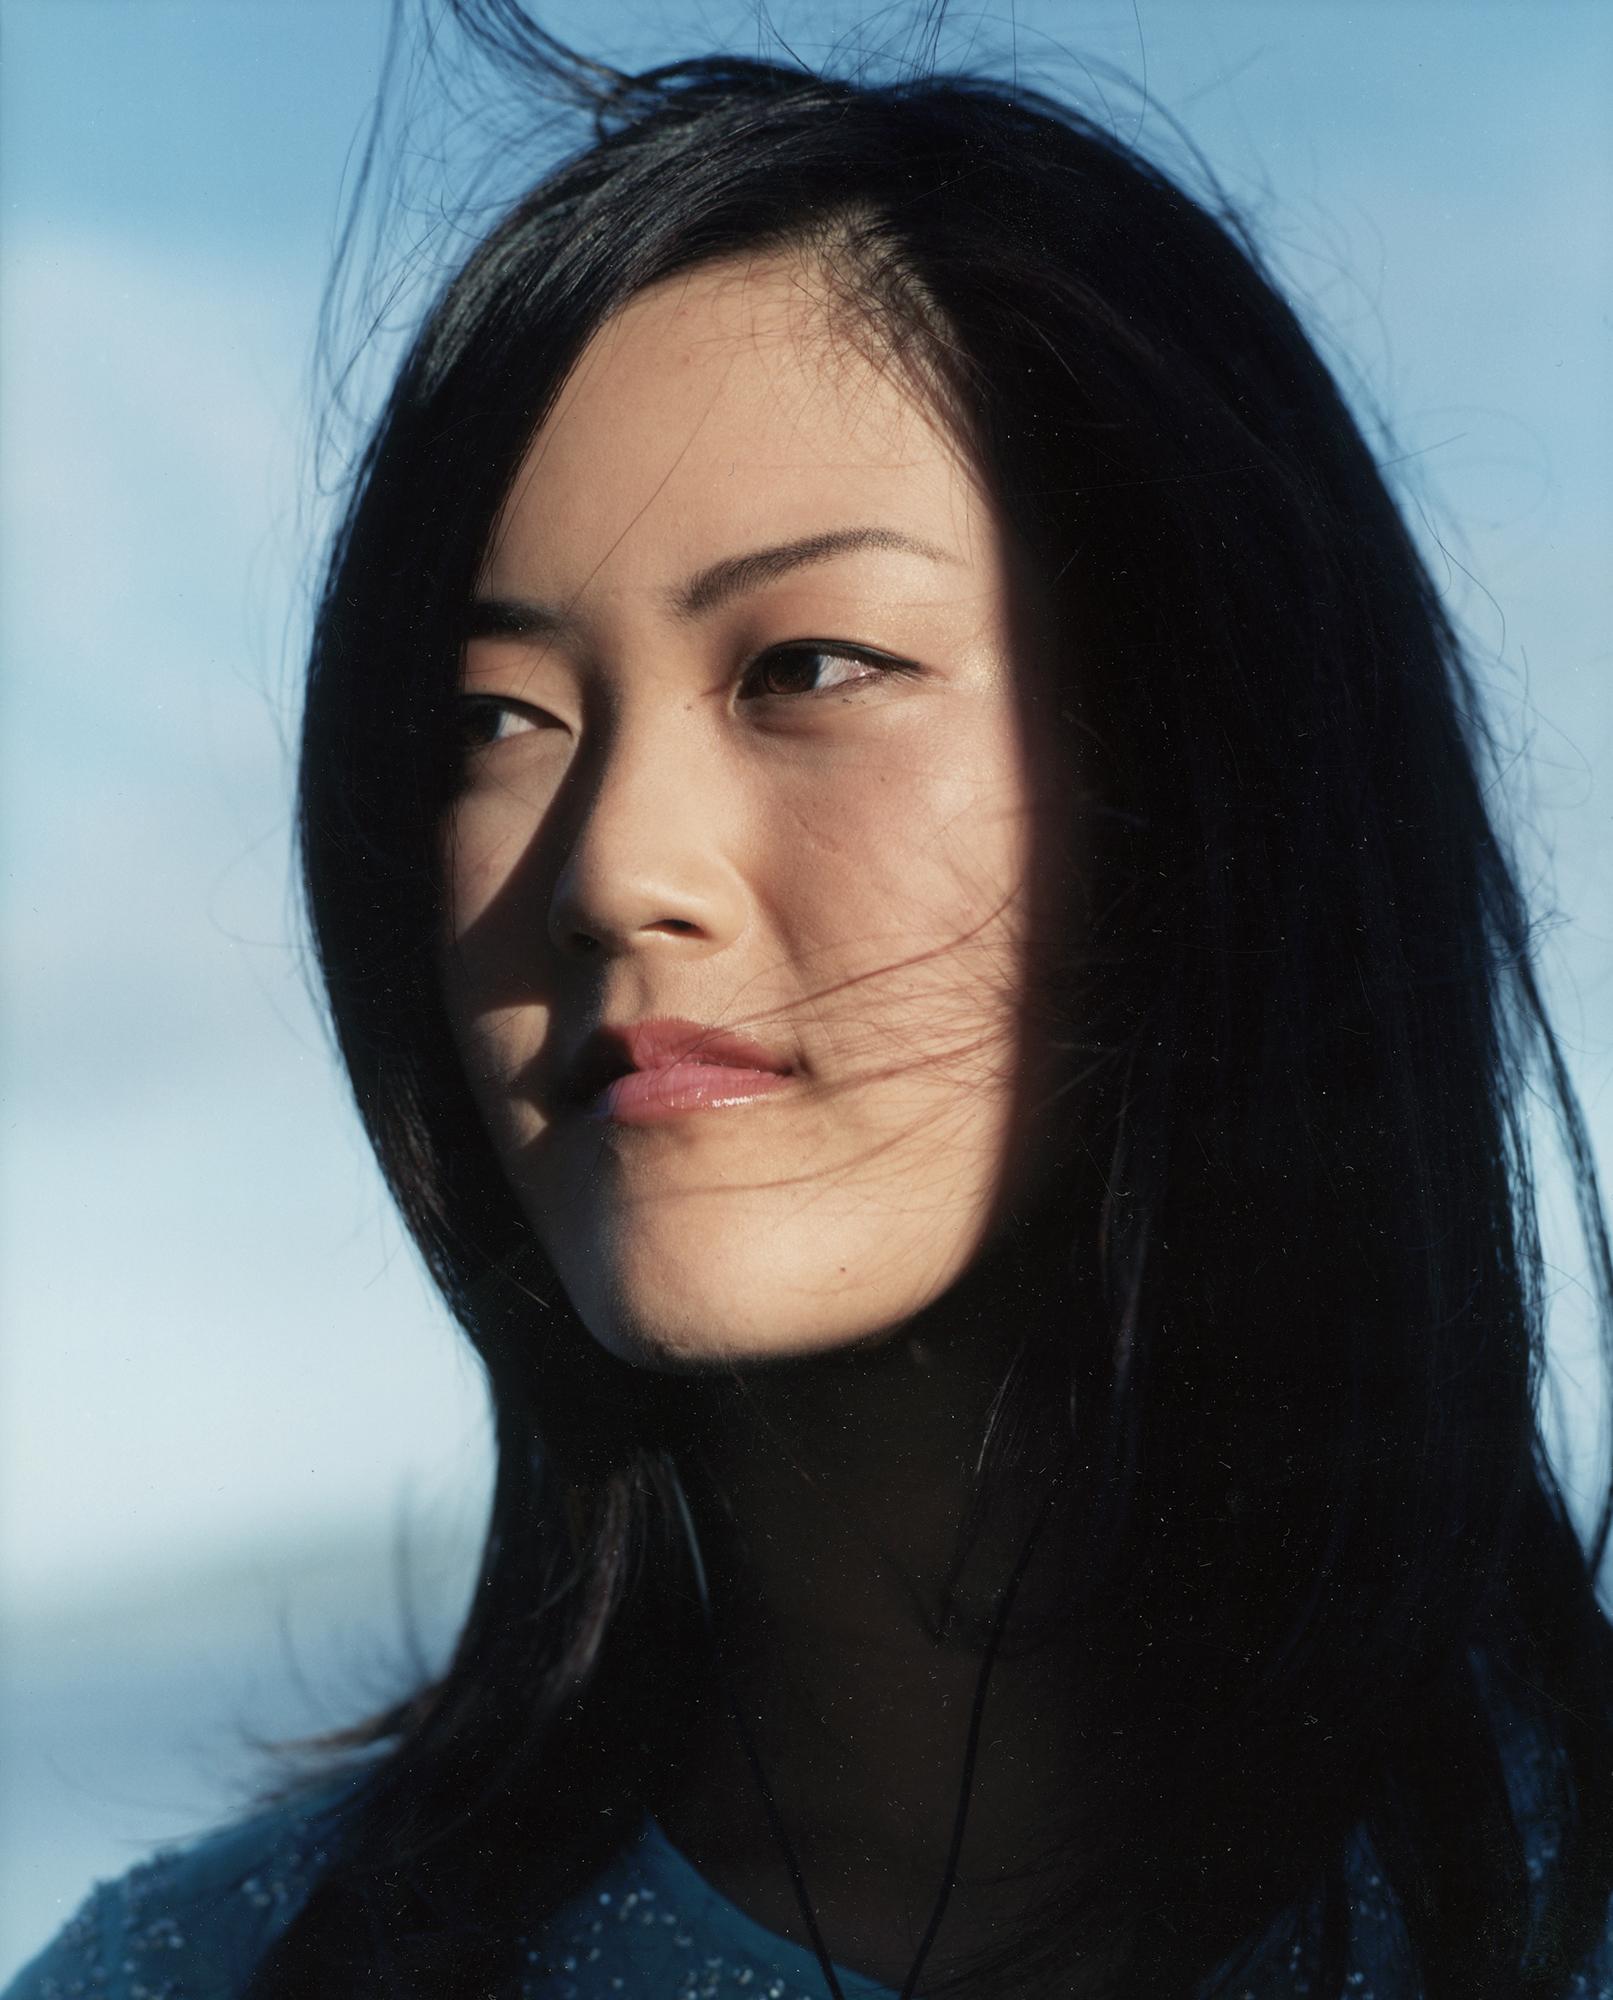 Michelle Wie, 2004